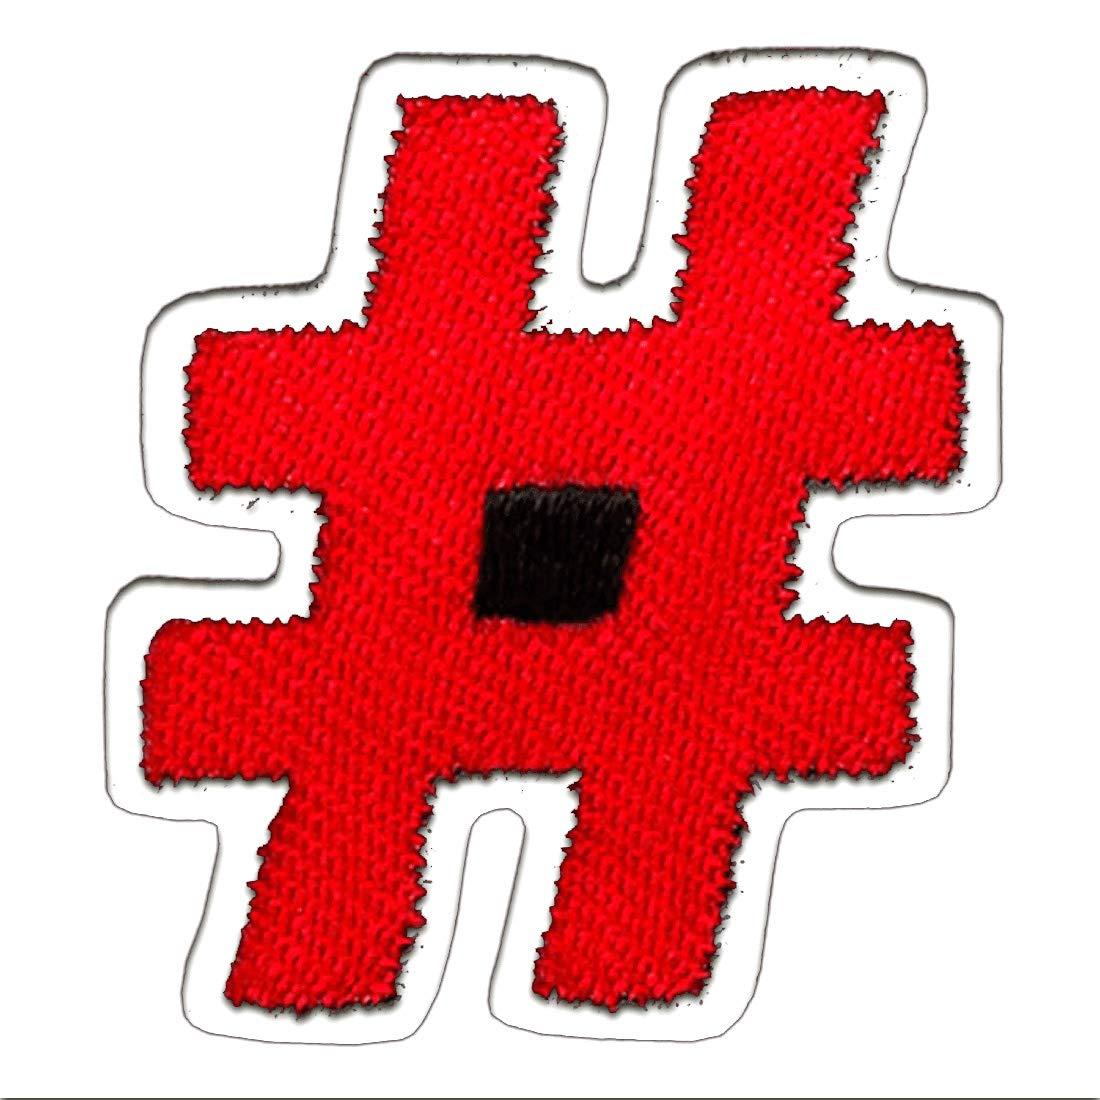 Aufnäher 3x3,3 cm rot//schwarz Bügelbild Hashtag Raute